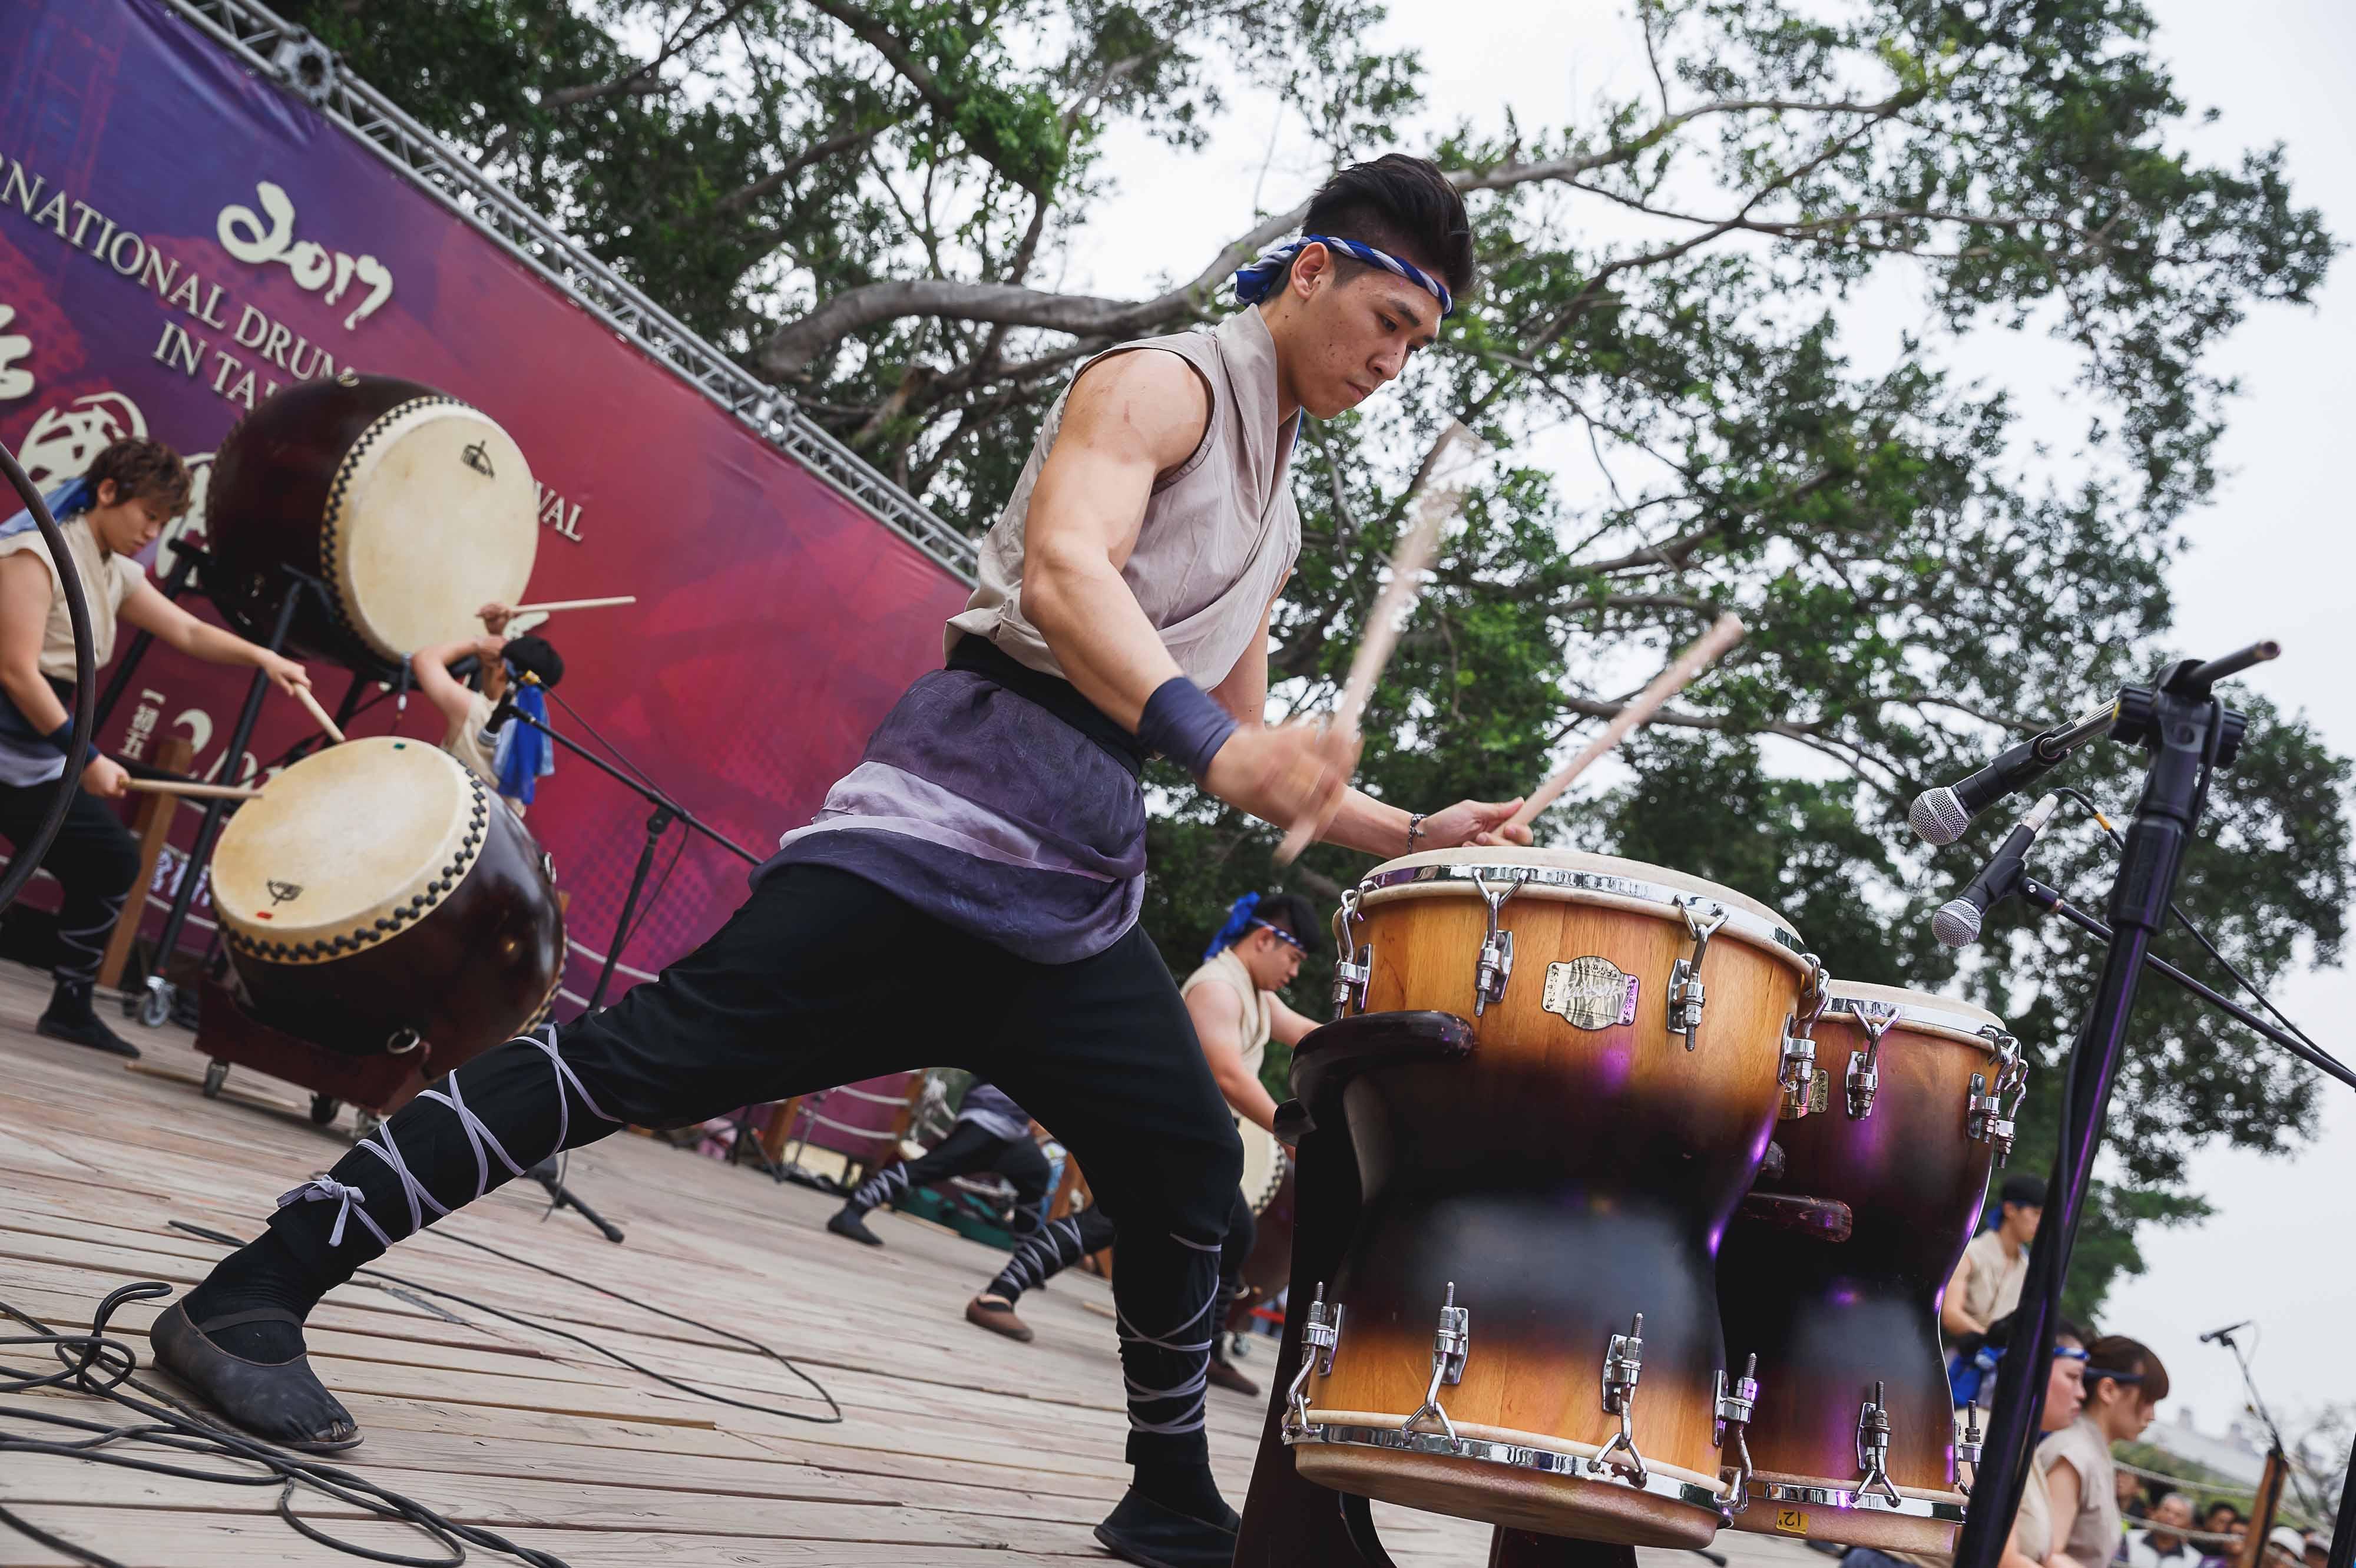 照片:十鼓擊樂團